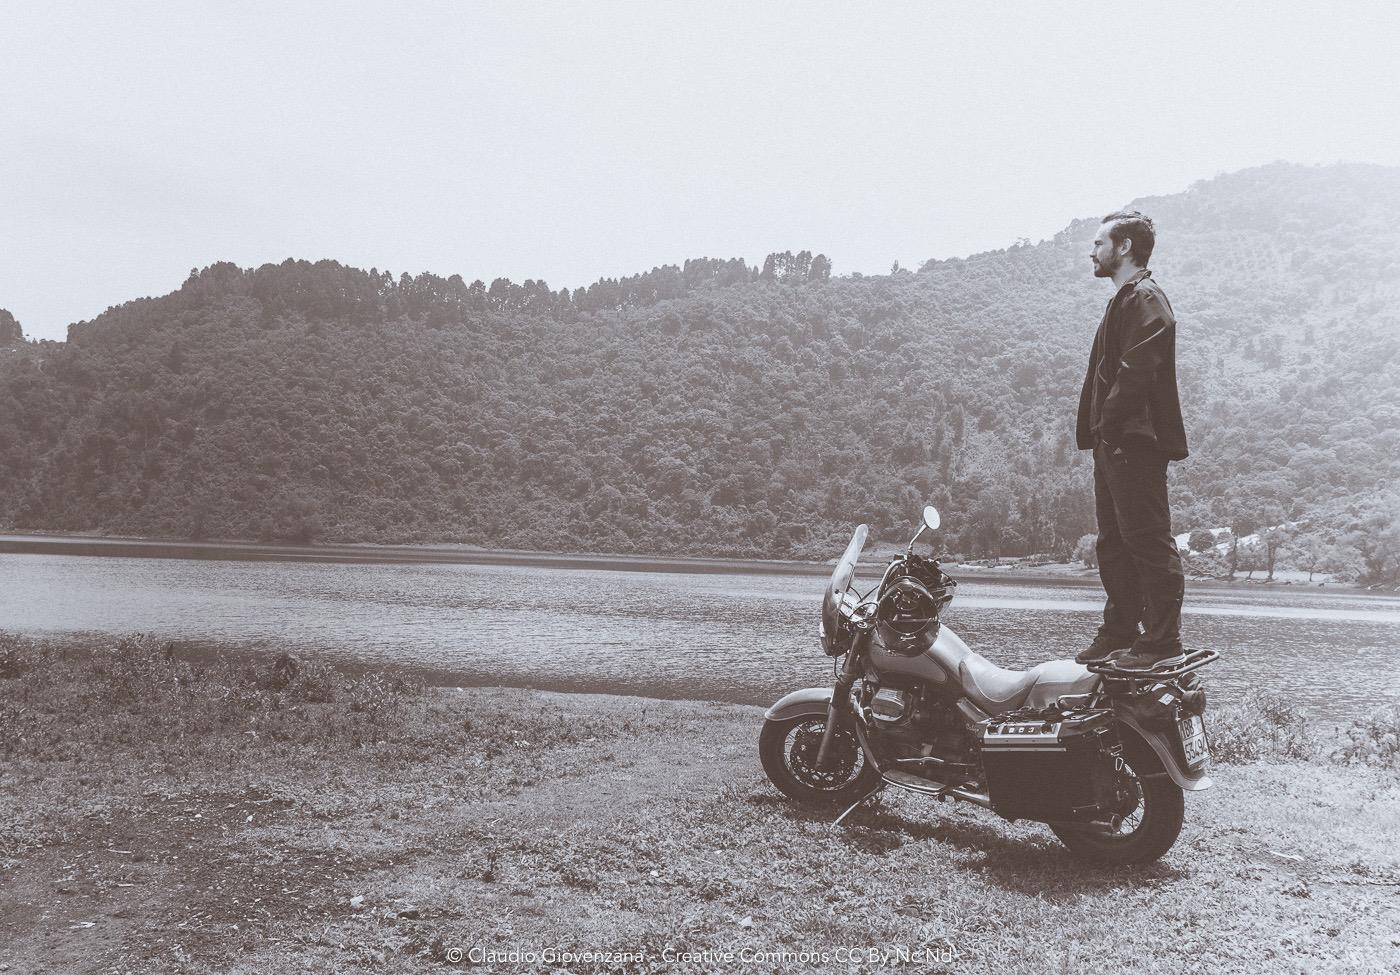 Claudio Giovenzana, in viaggio, sopra la moto che pensa al futuro